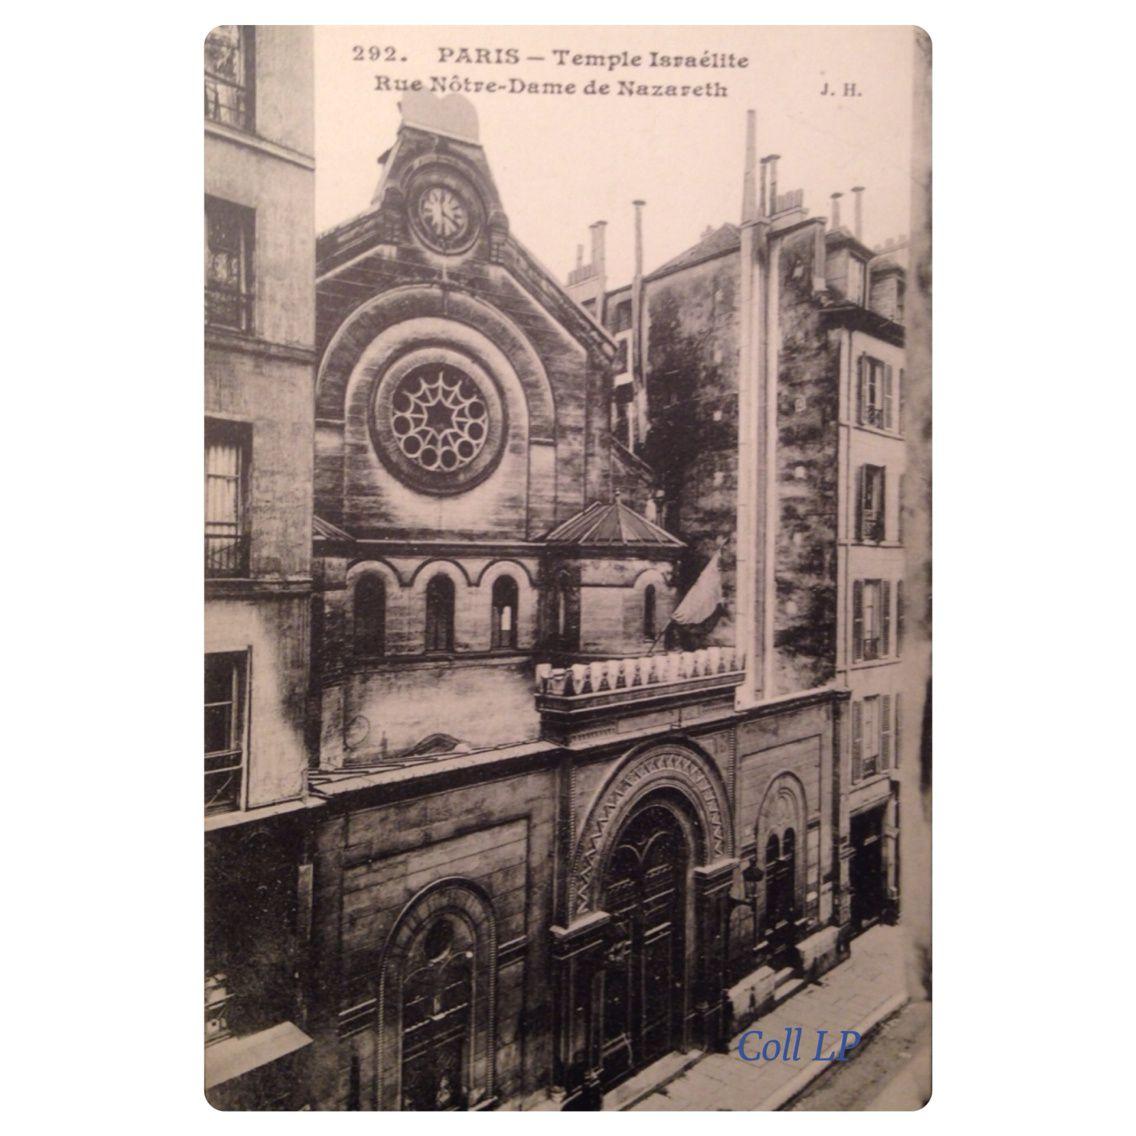 Les 4 grandes synagogues Parisiennes au début du XX eme siècle